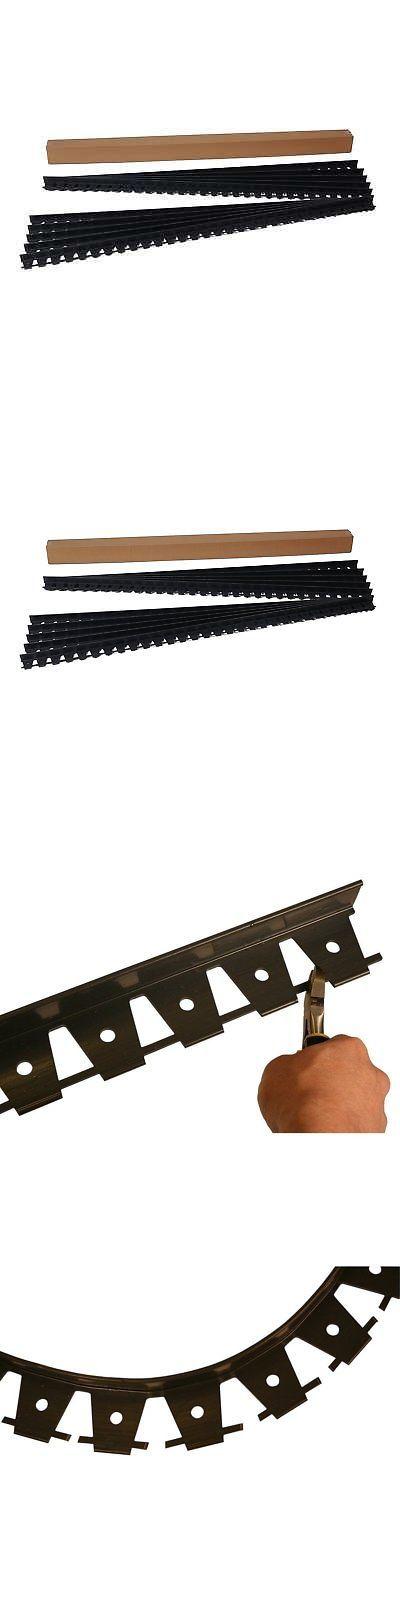 Railroad Ties 112585 Easyflex Plastic Commercial Grade 400 x 300